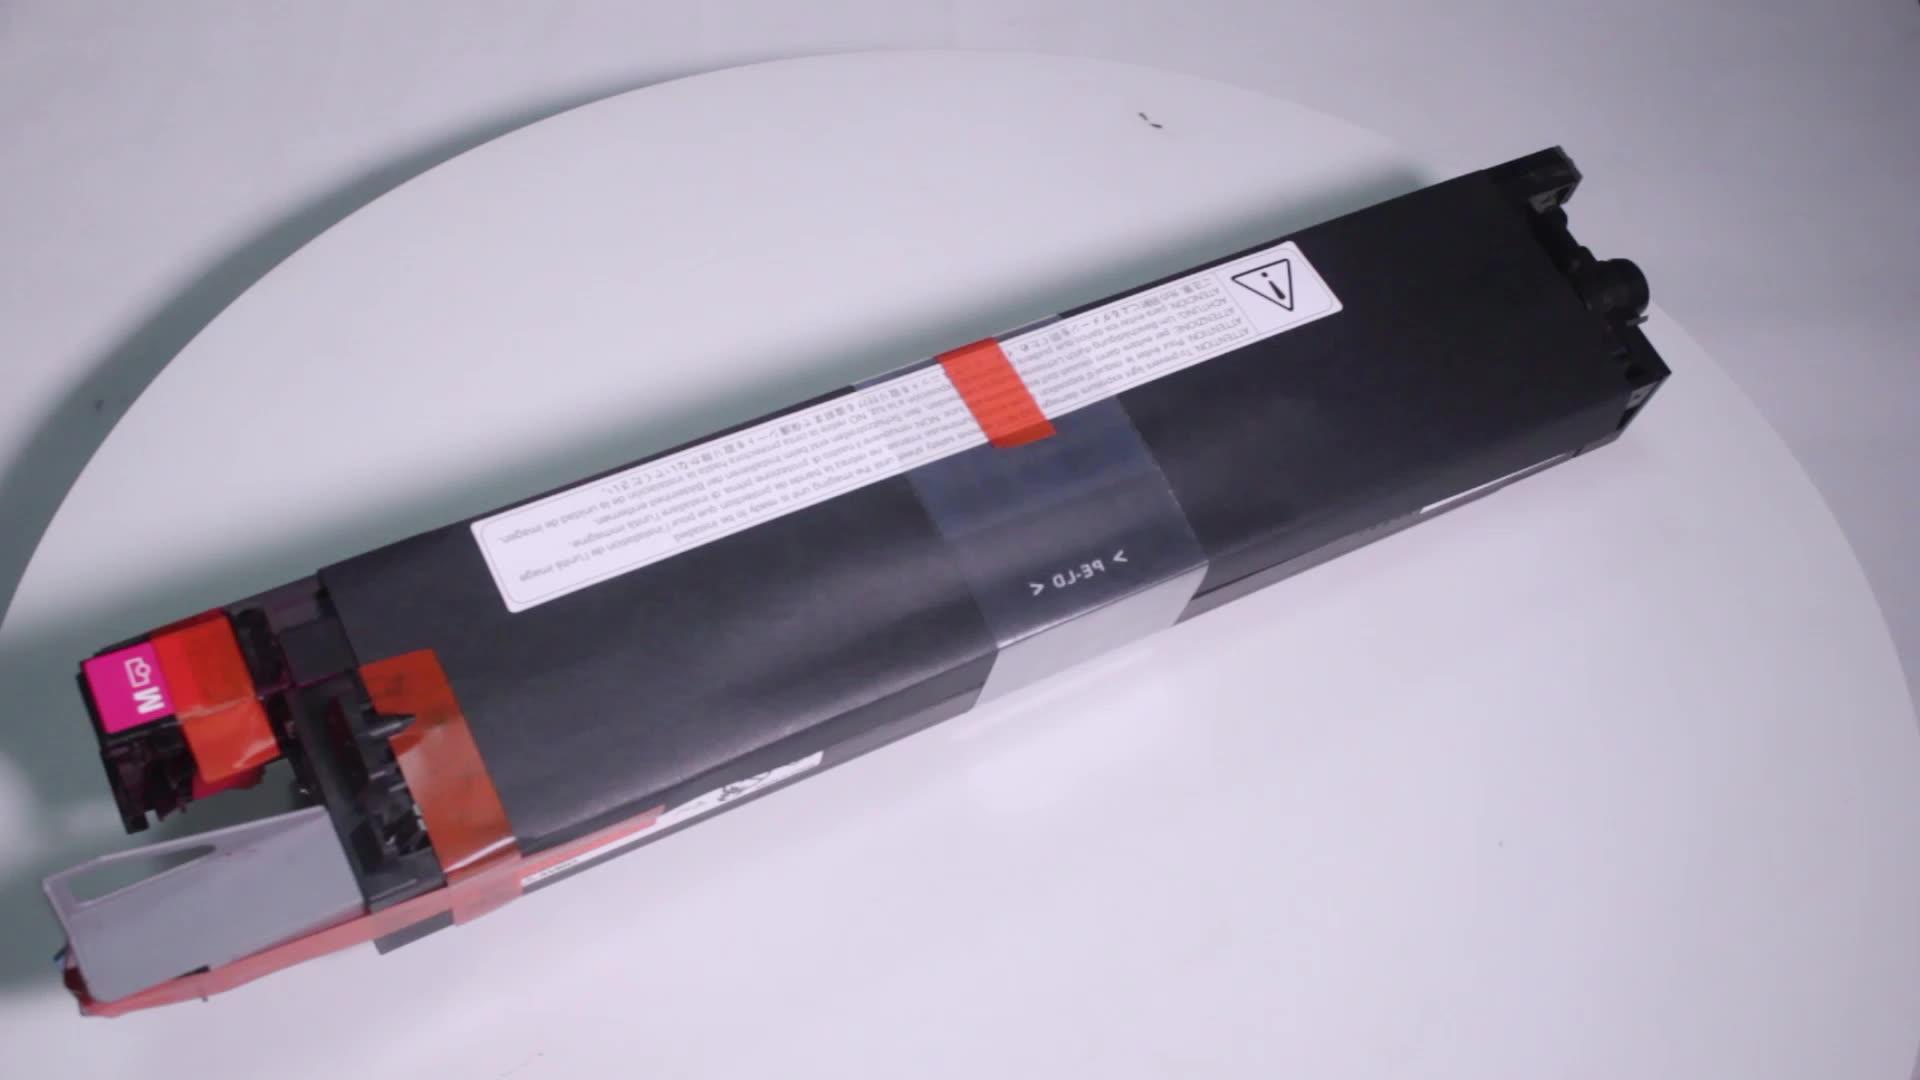 IR5055/iR5065/iR5075 Thermistance copieur pièces de rechange oem-pn FM2-9766-000 FM2-4161-000 pour copieur Canon